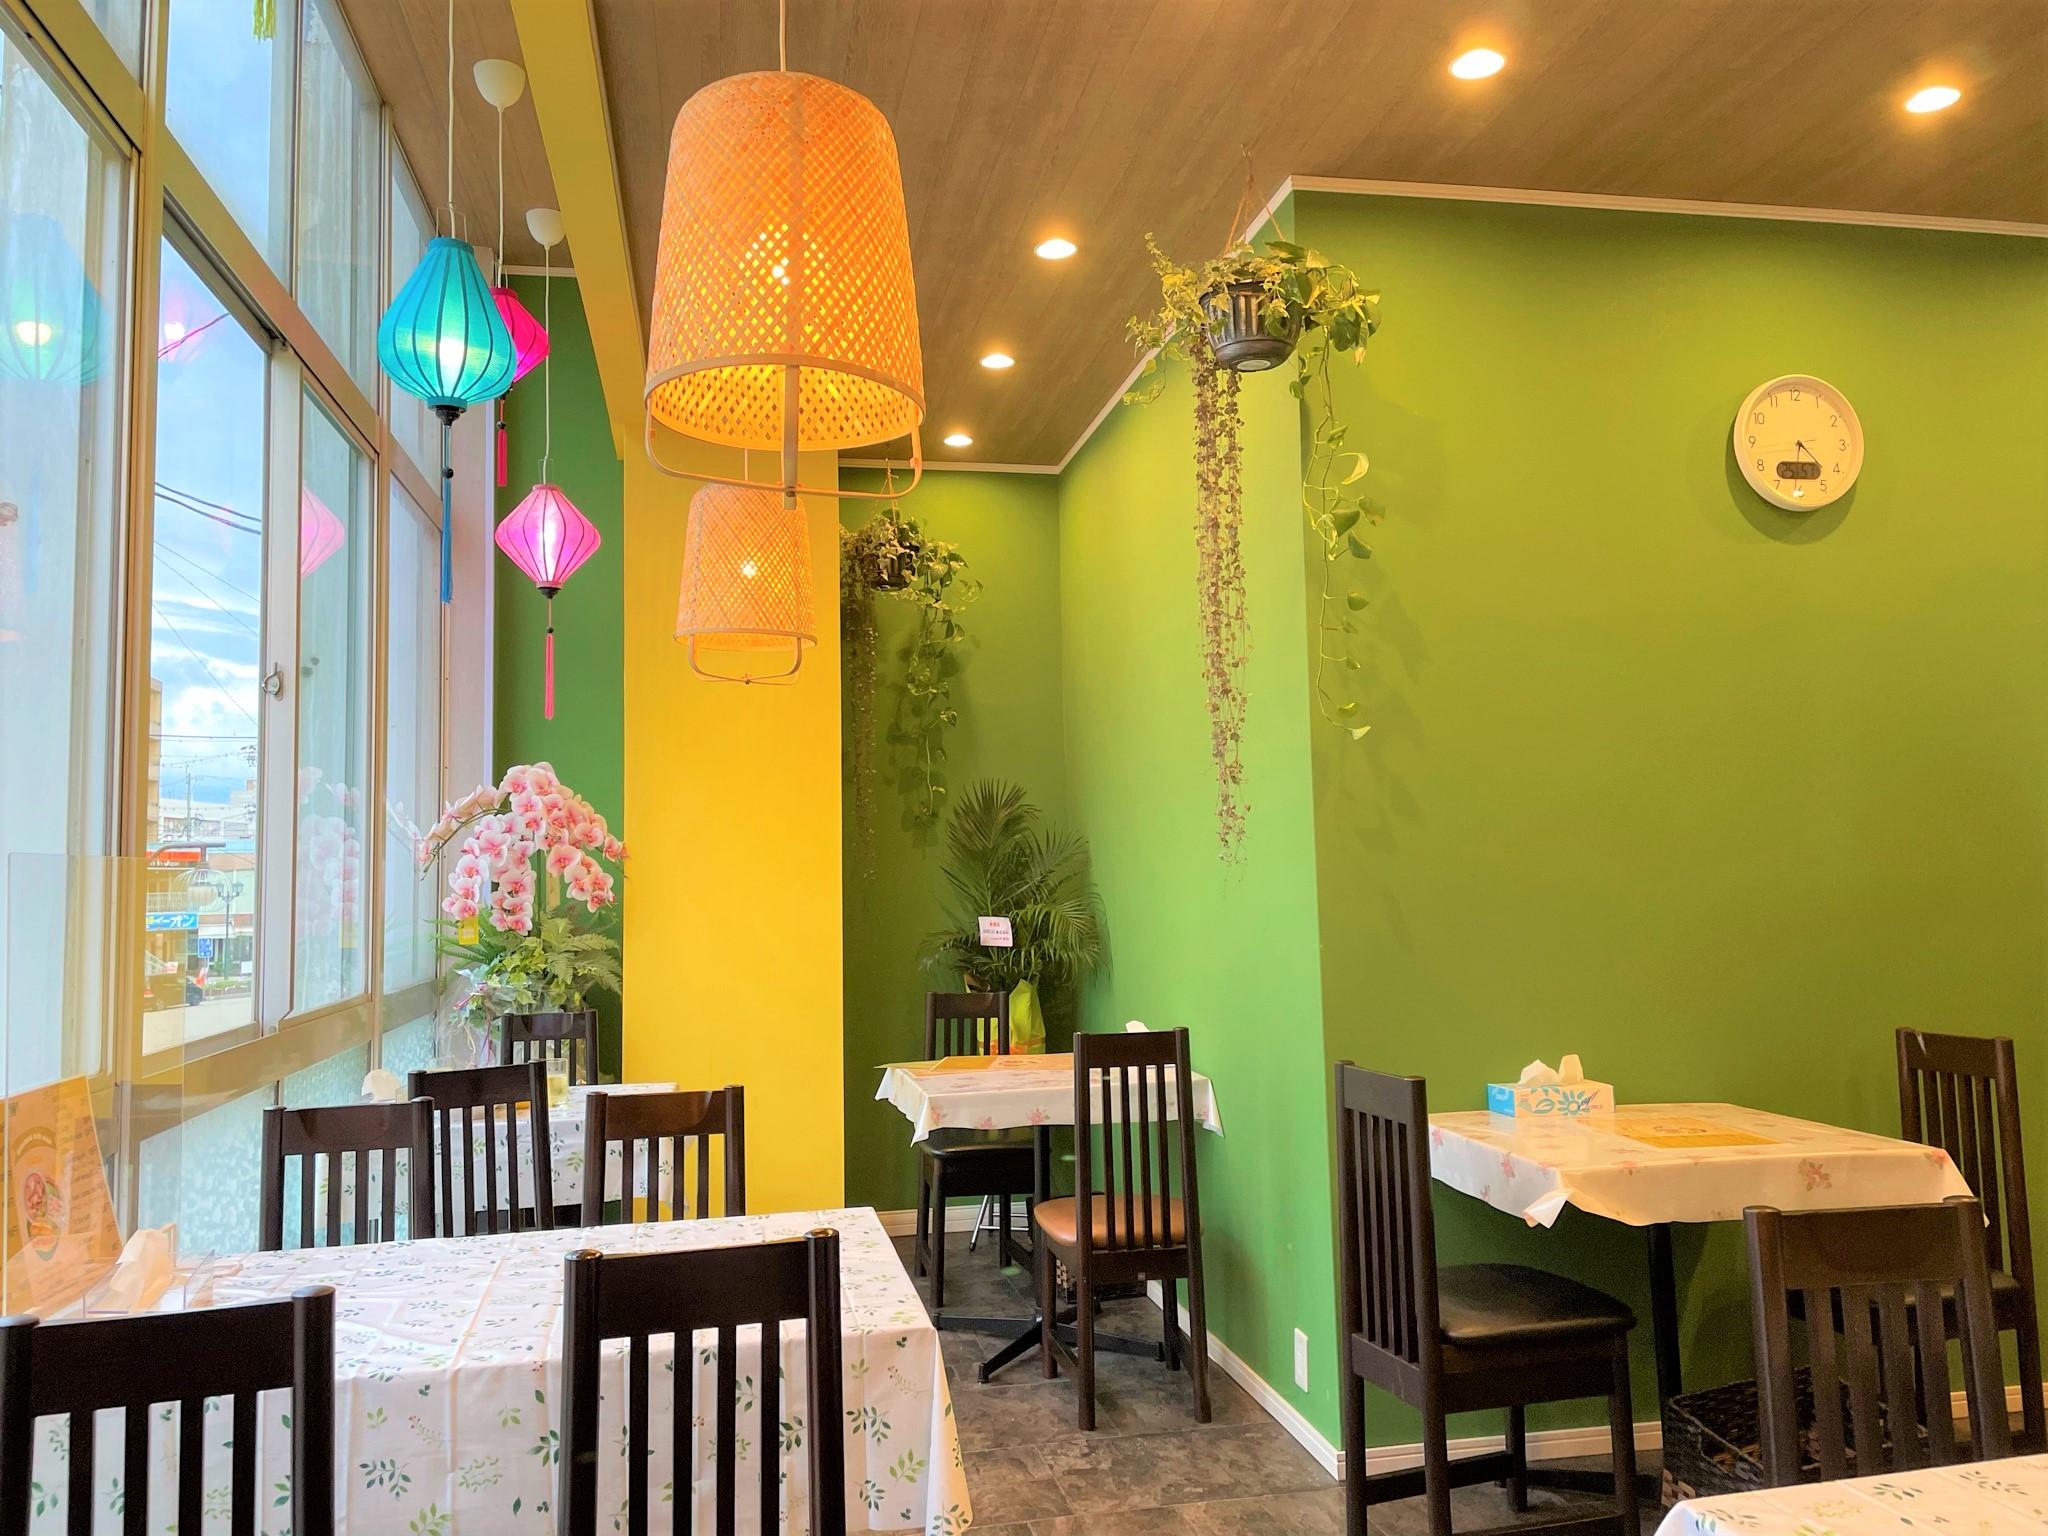 【愛知県犬山市】名鉄犬山駅から徒歩1分の場所にオープン!「Dining Sai Gon(ダイニング サイゴン)」